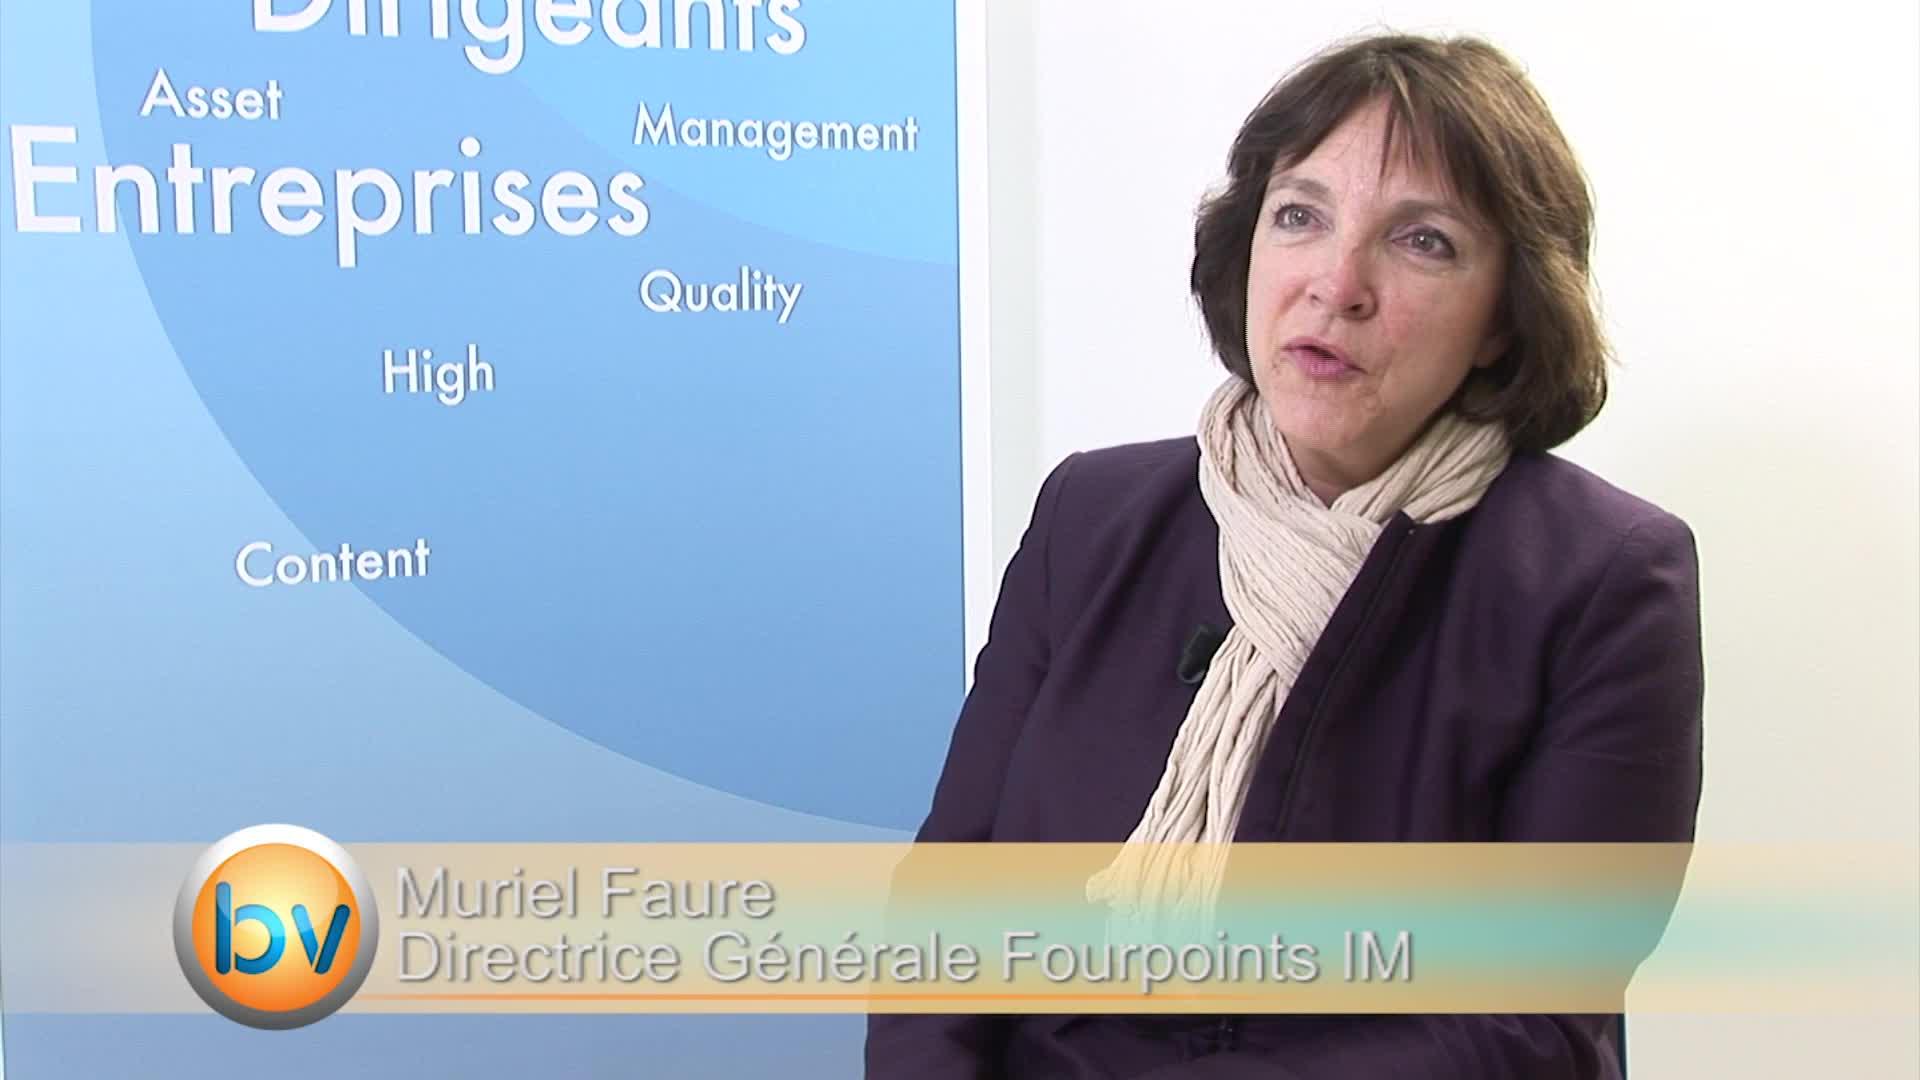 """Muriel Faure Directrice Générale Fourpoints IM : """"Risque pour les sociétés européennes de ne plus avoir de recherche indépendante"""""""